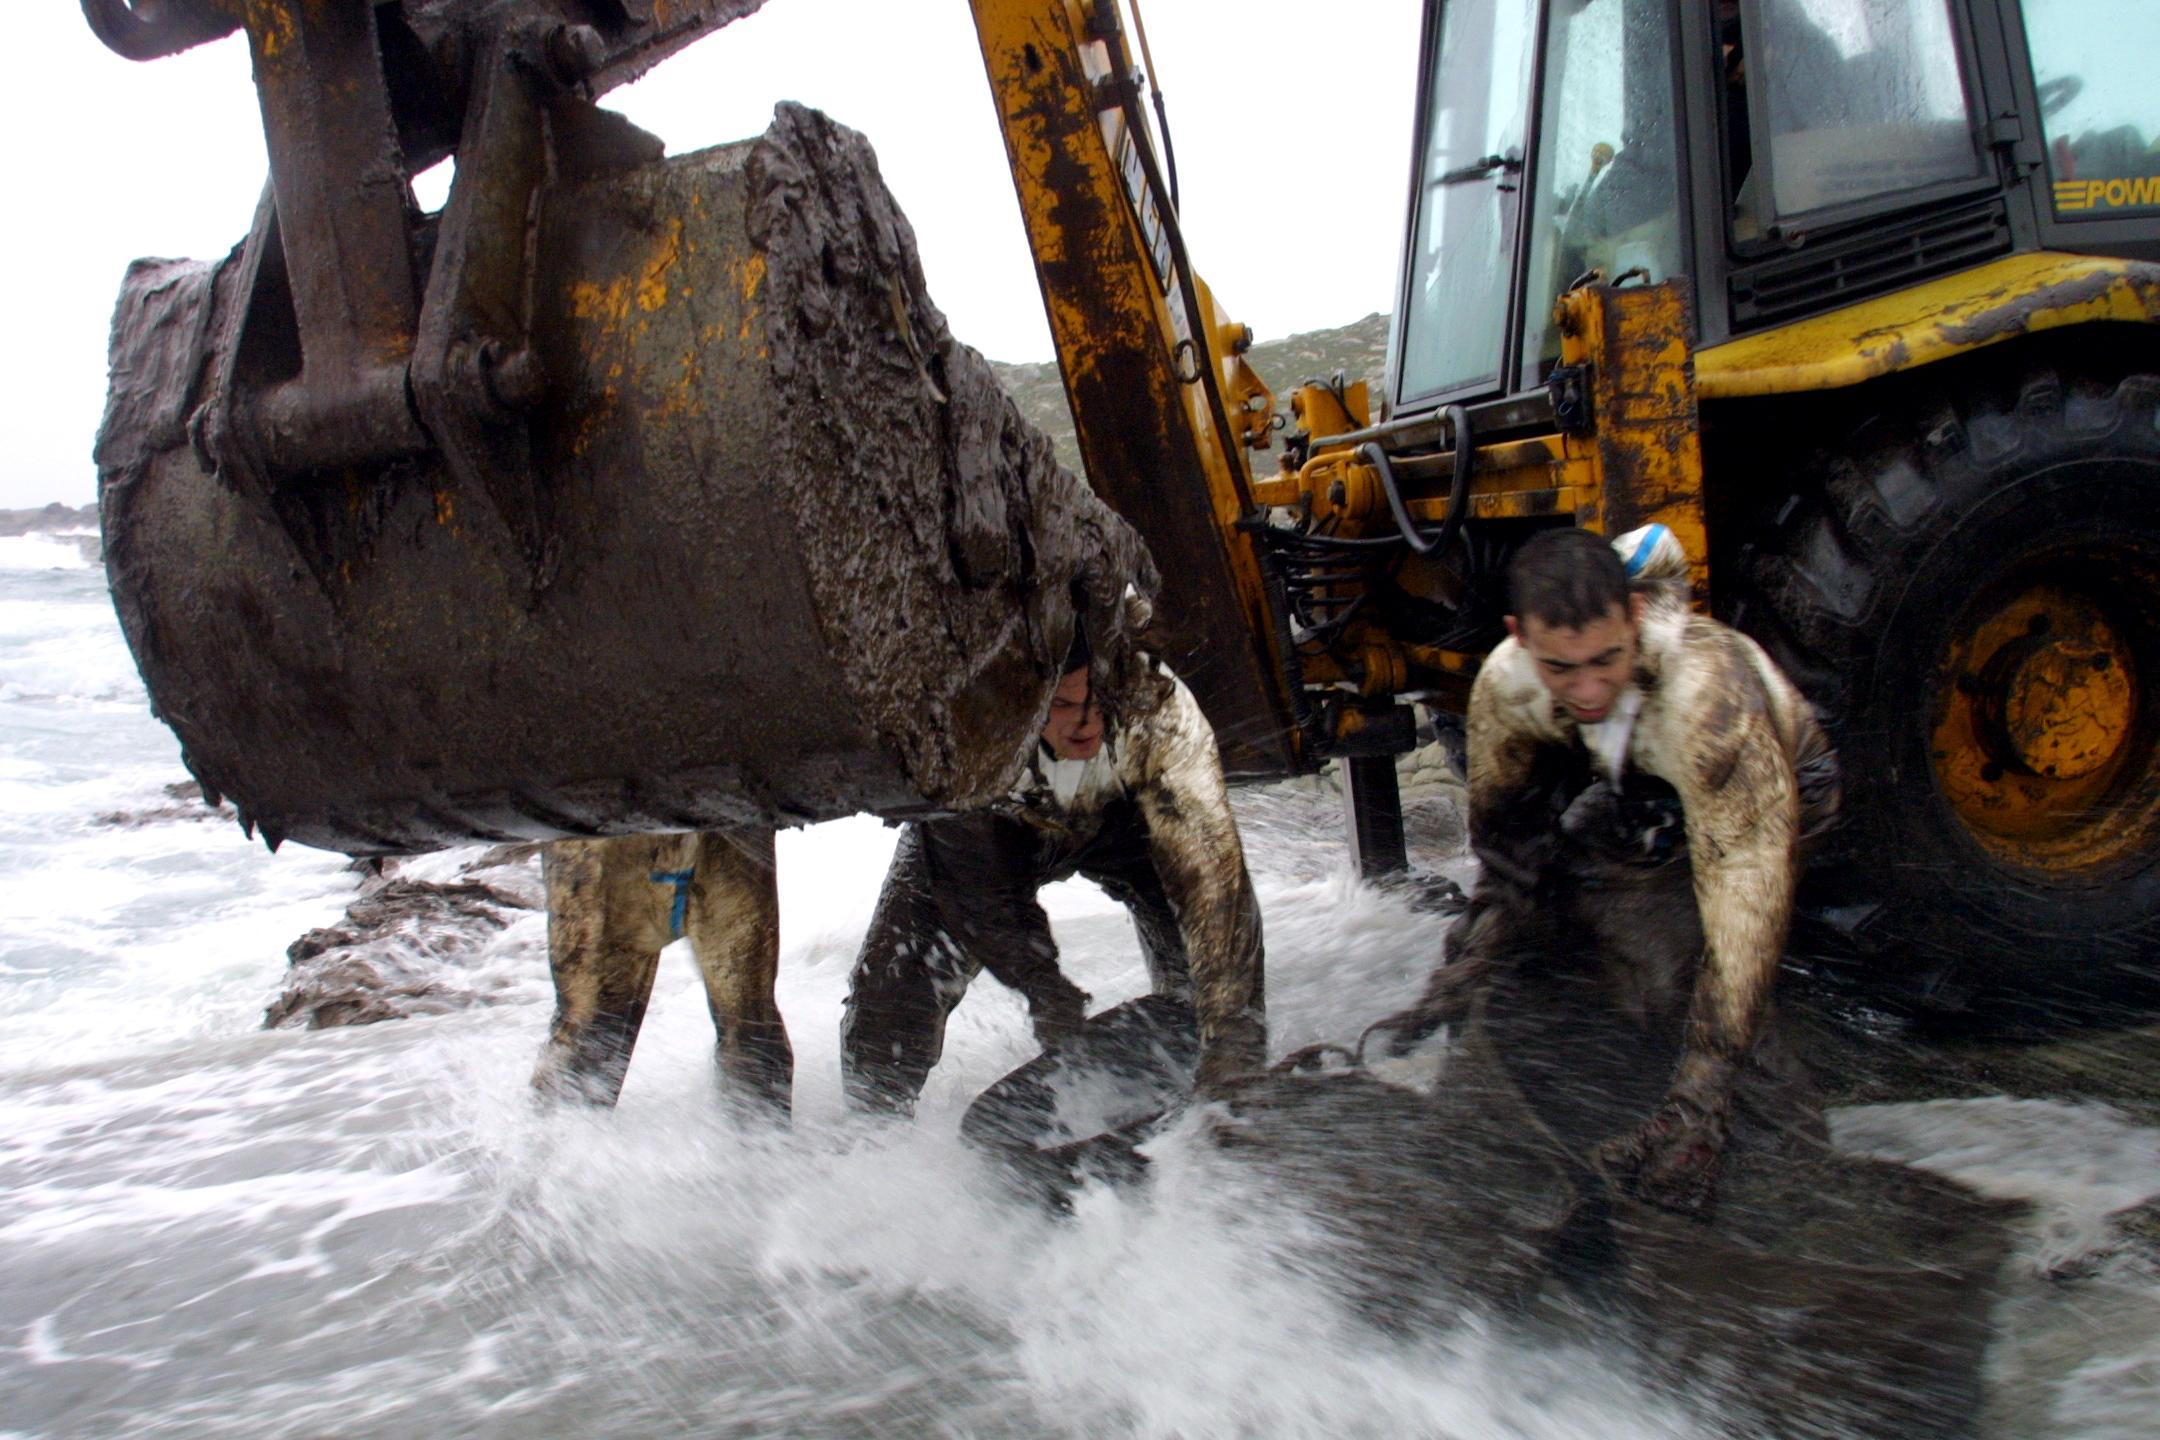 Una pala ayuda a las labores de limpieza en Touriñán (Muxía), en medio del fuerte oleaje. <br><b>José Manuel Casal</b>